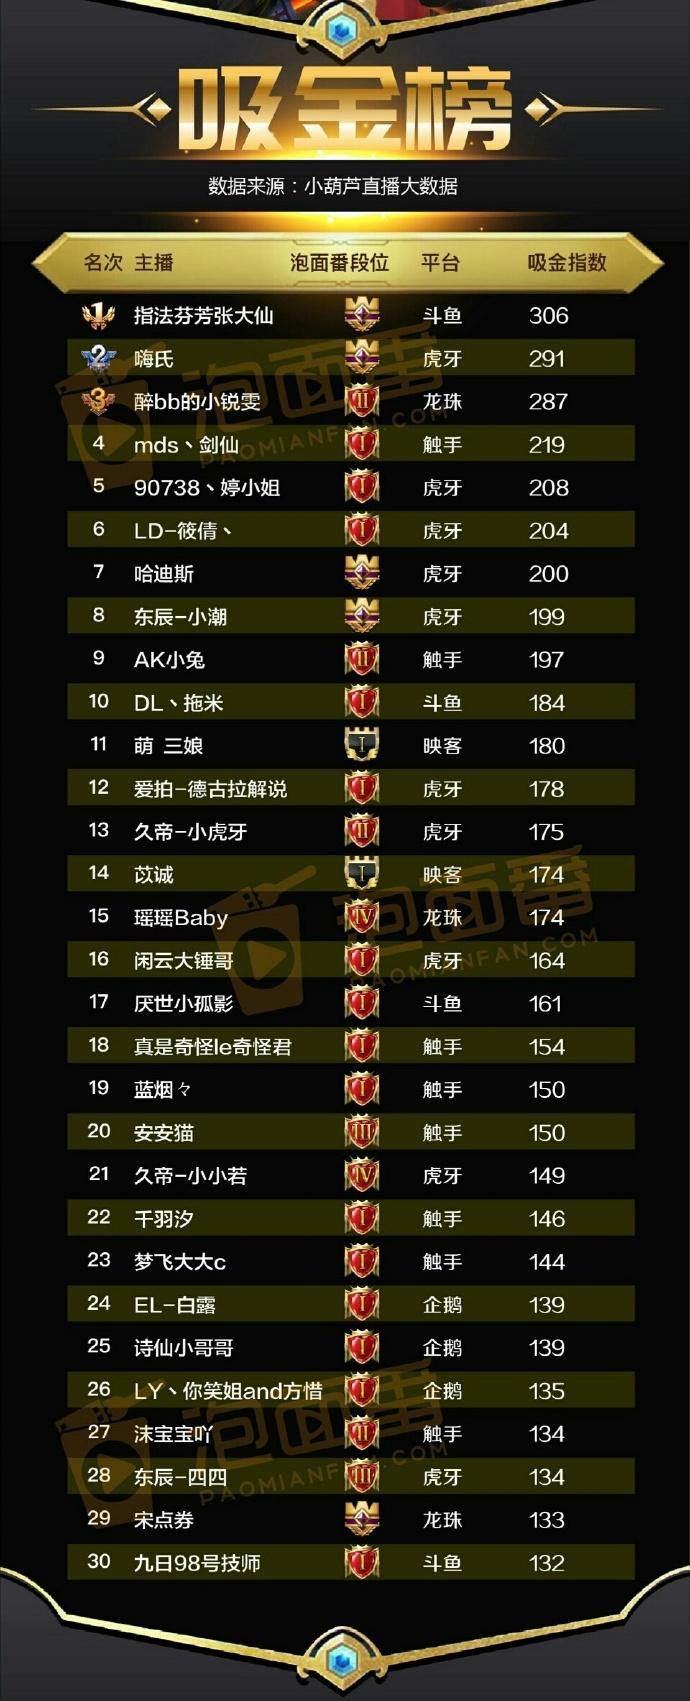 王者荣耀主播排行榜:嗨氏回归榜单第一